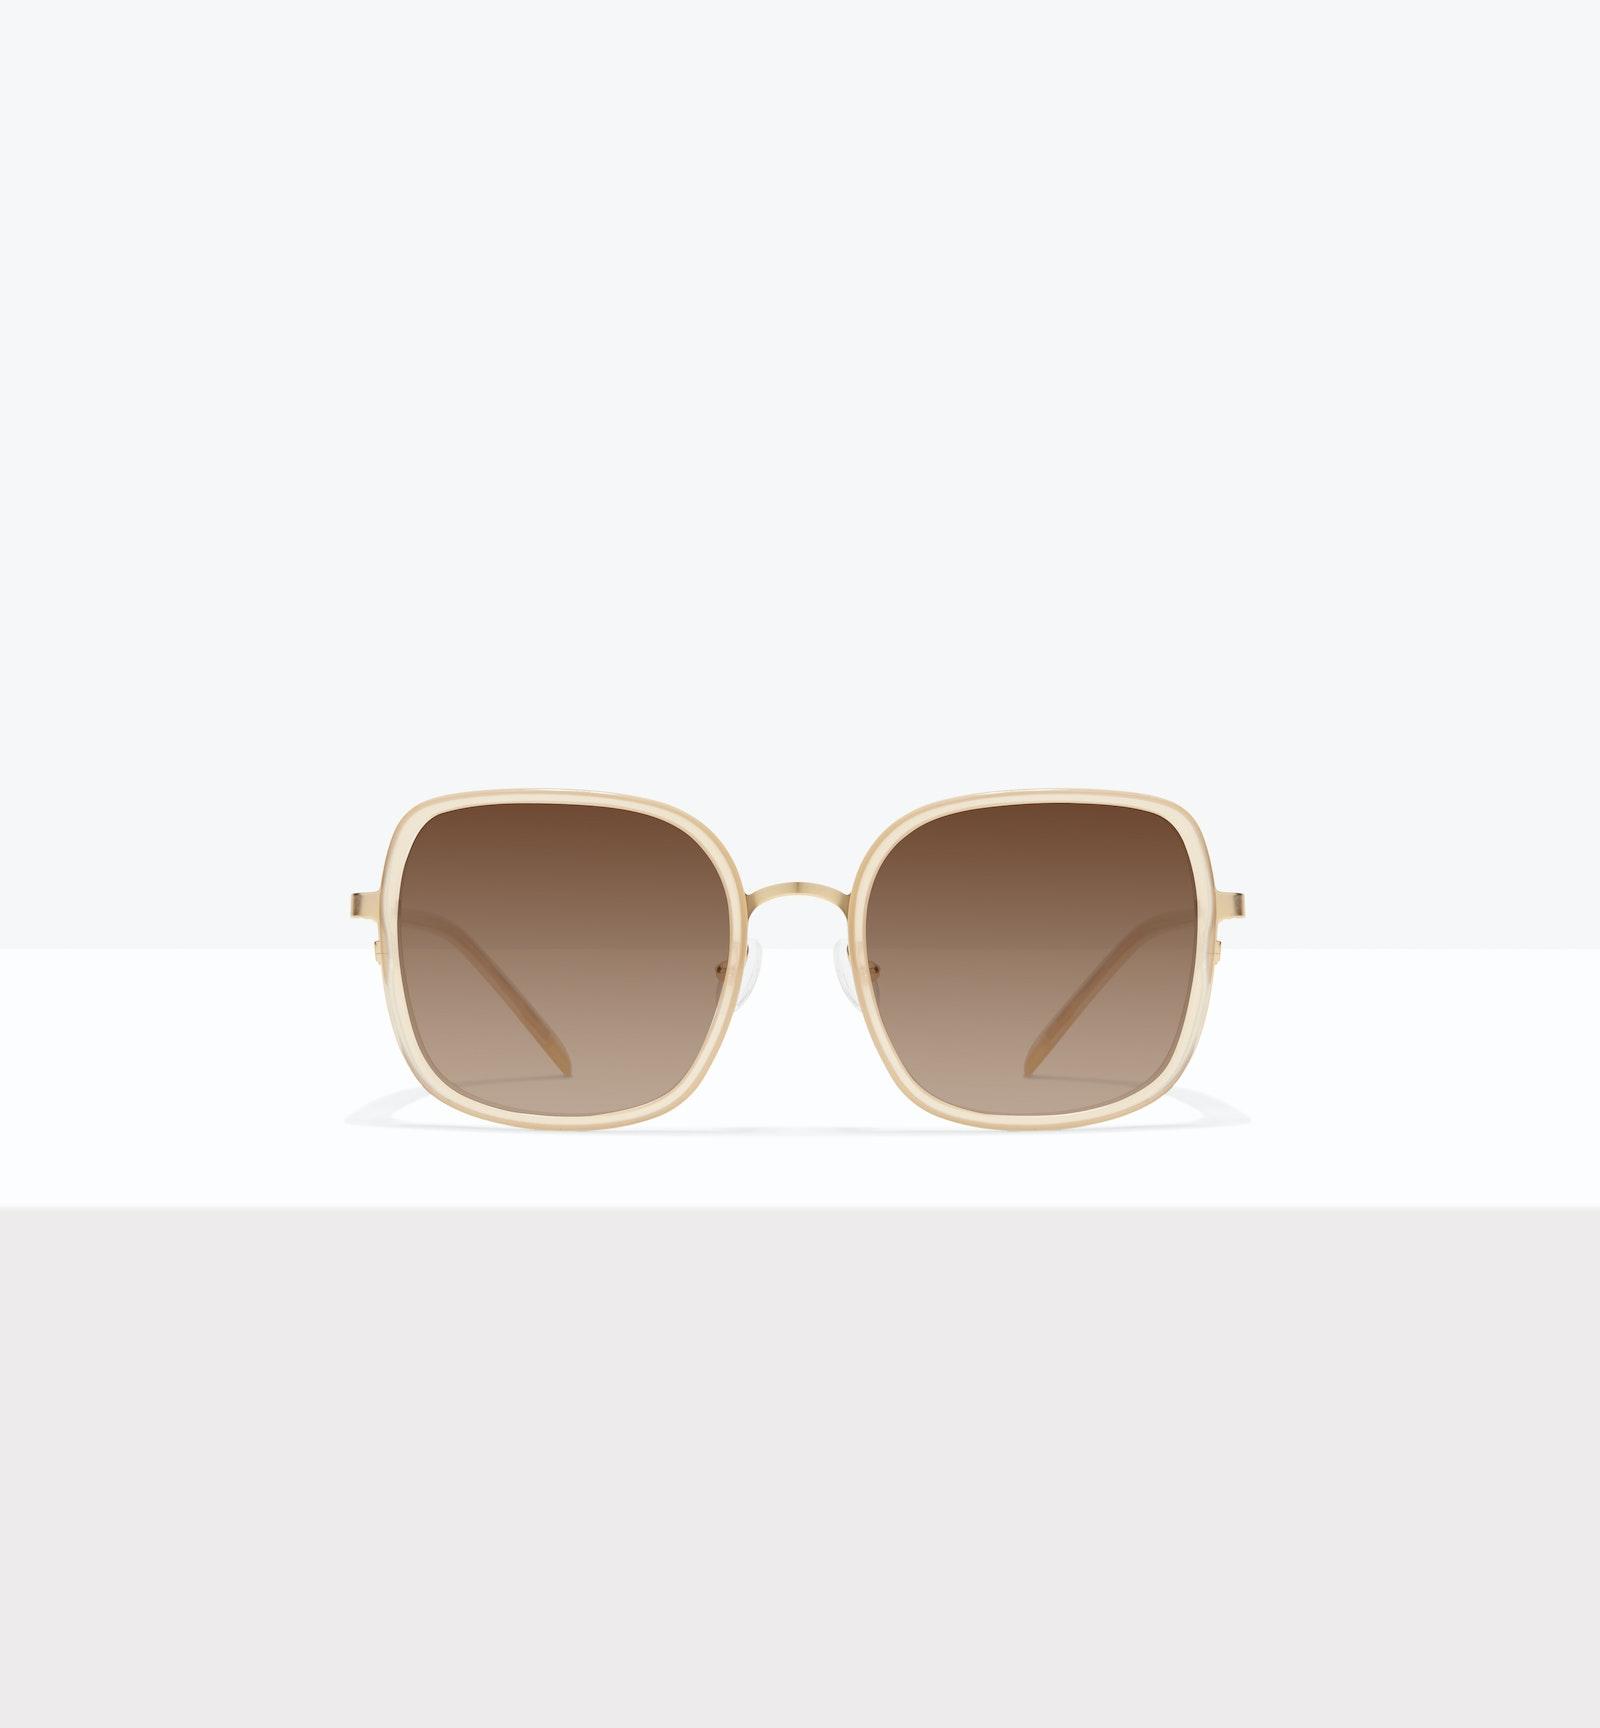 Affordable Fashion Glasses Square Sunglasses Women Geraldine M Peach